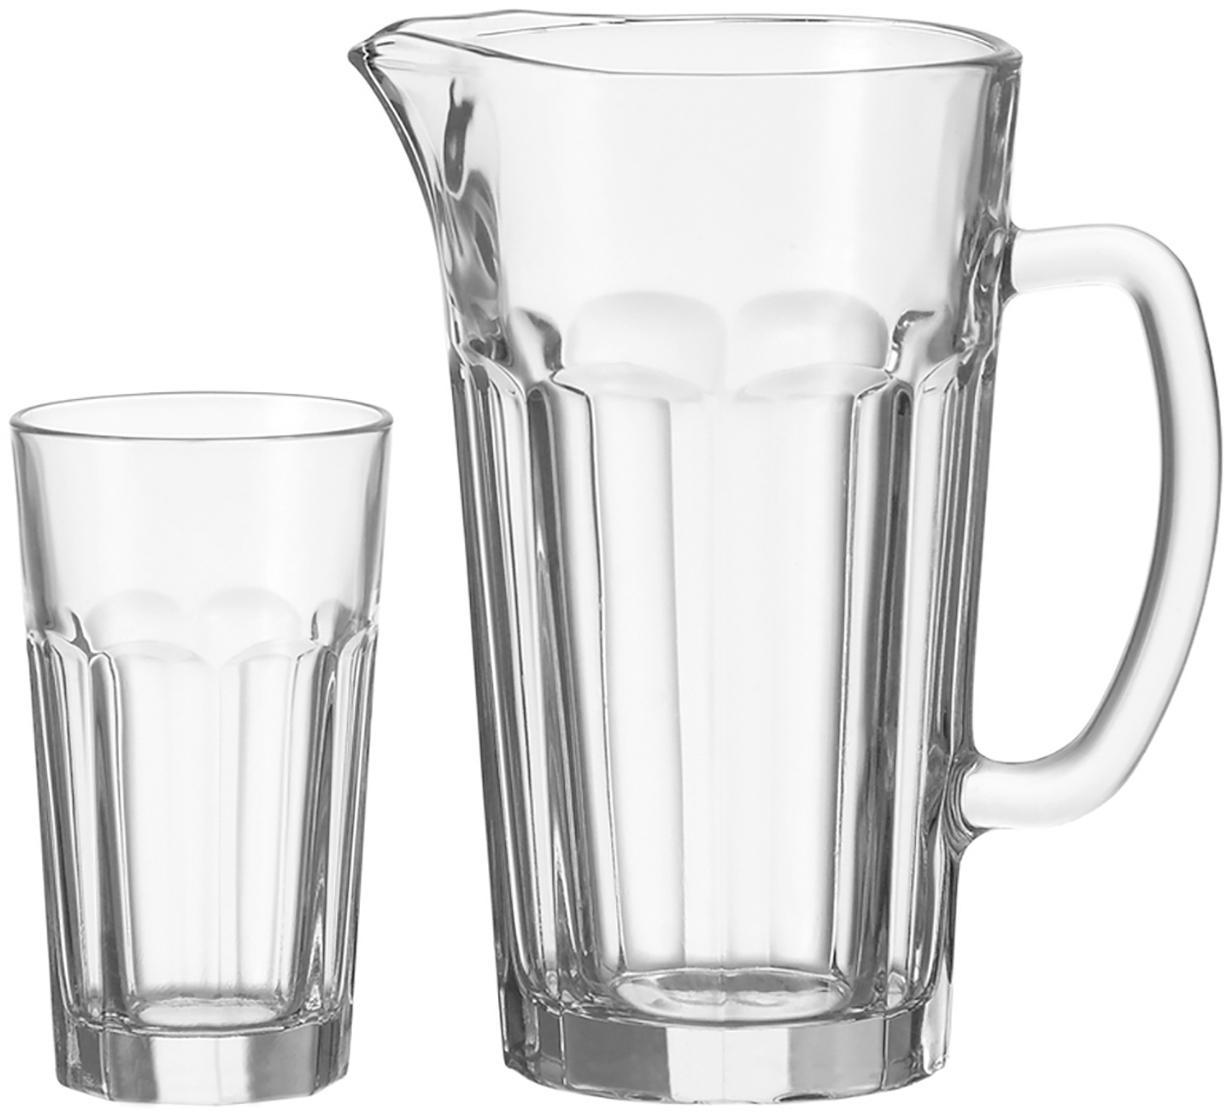 Krug Rock mit Gläsern, 7-tlg., Glas, Transparent, Verschiedene Grössen